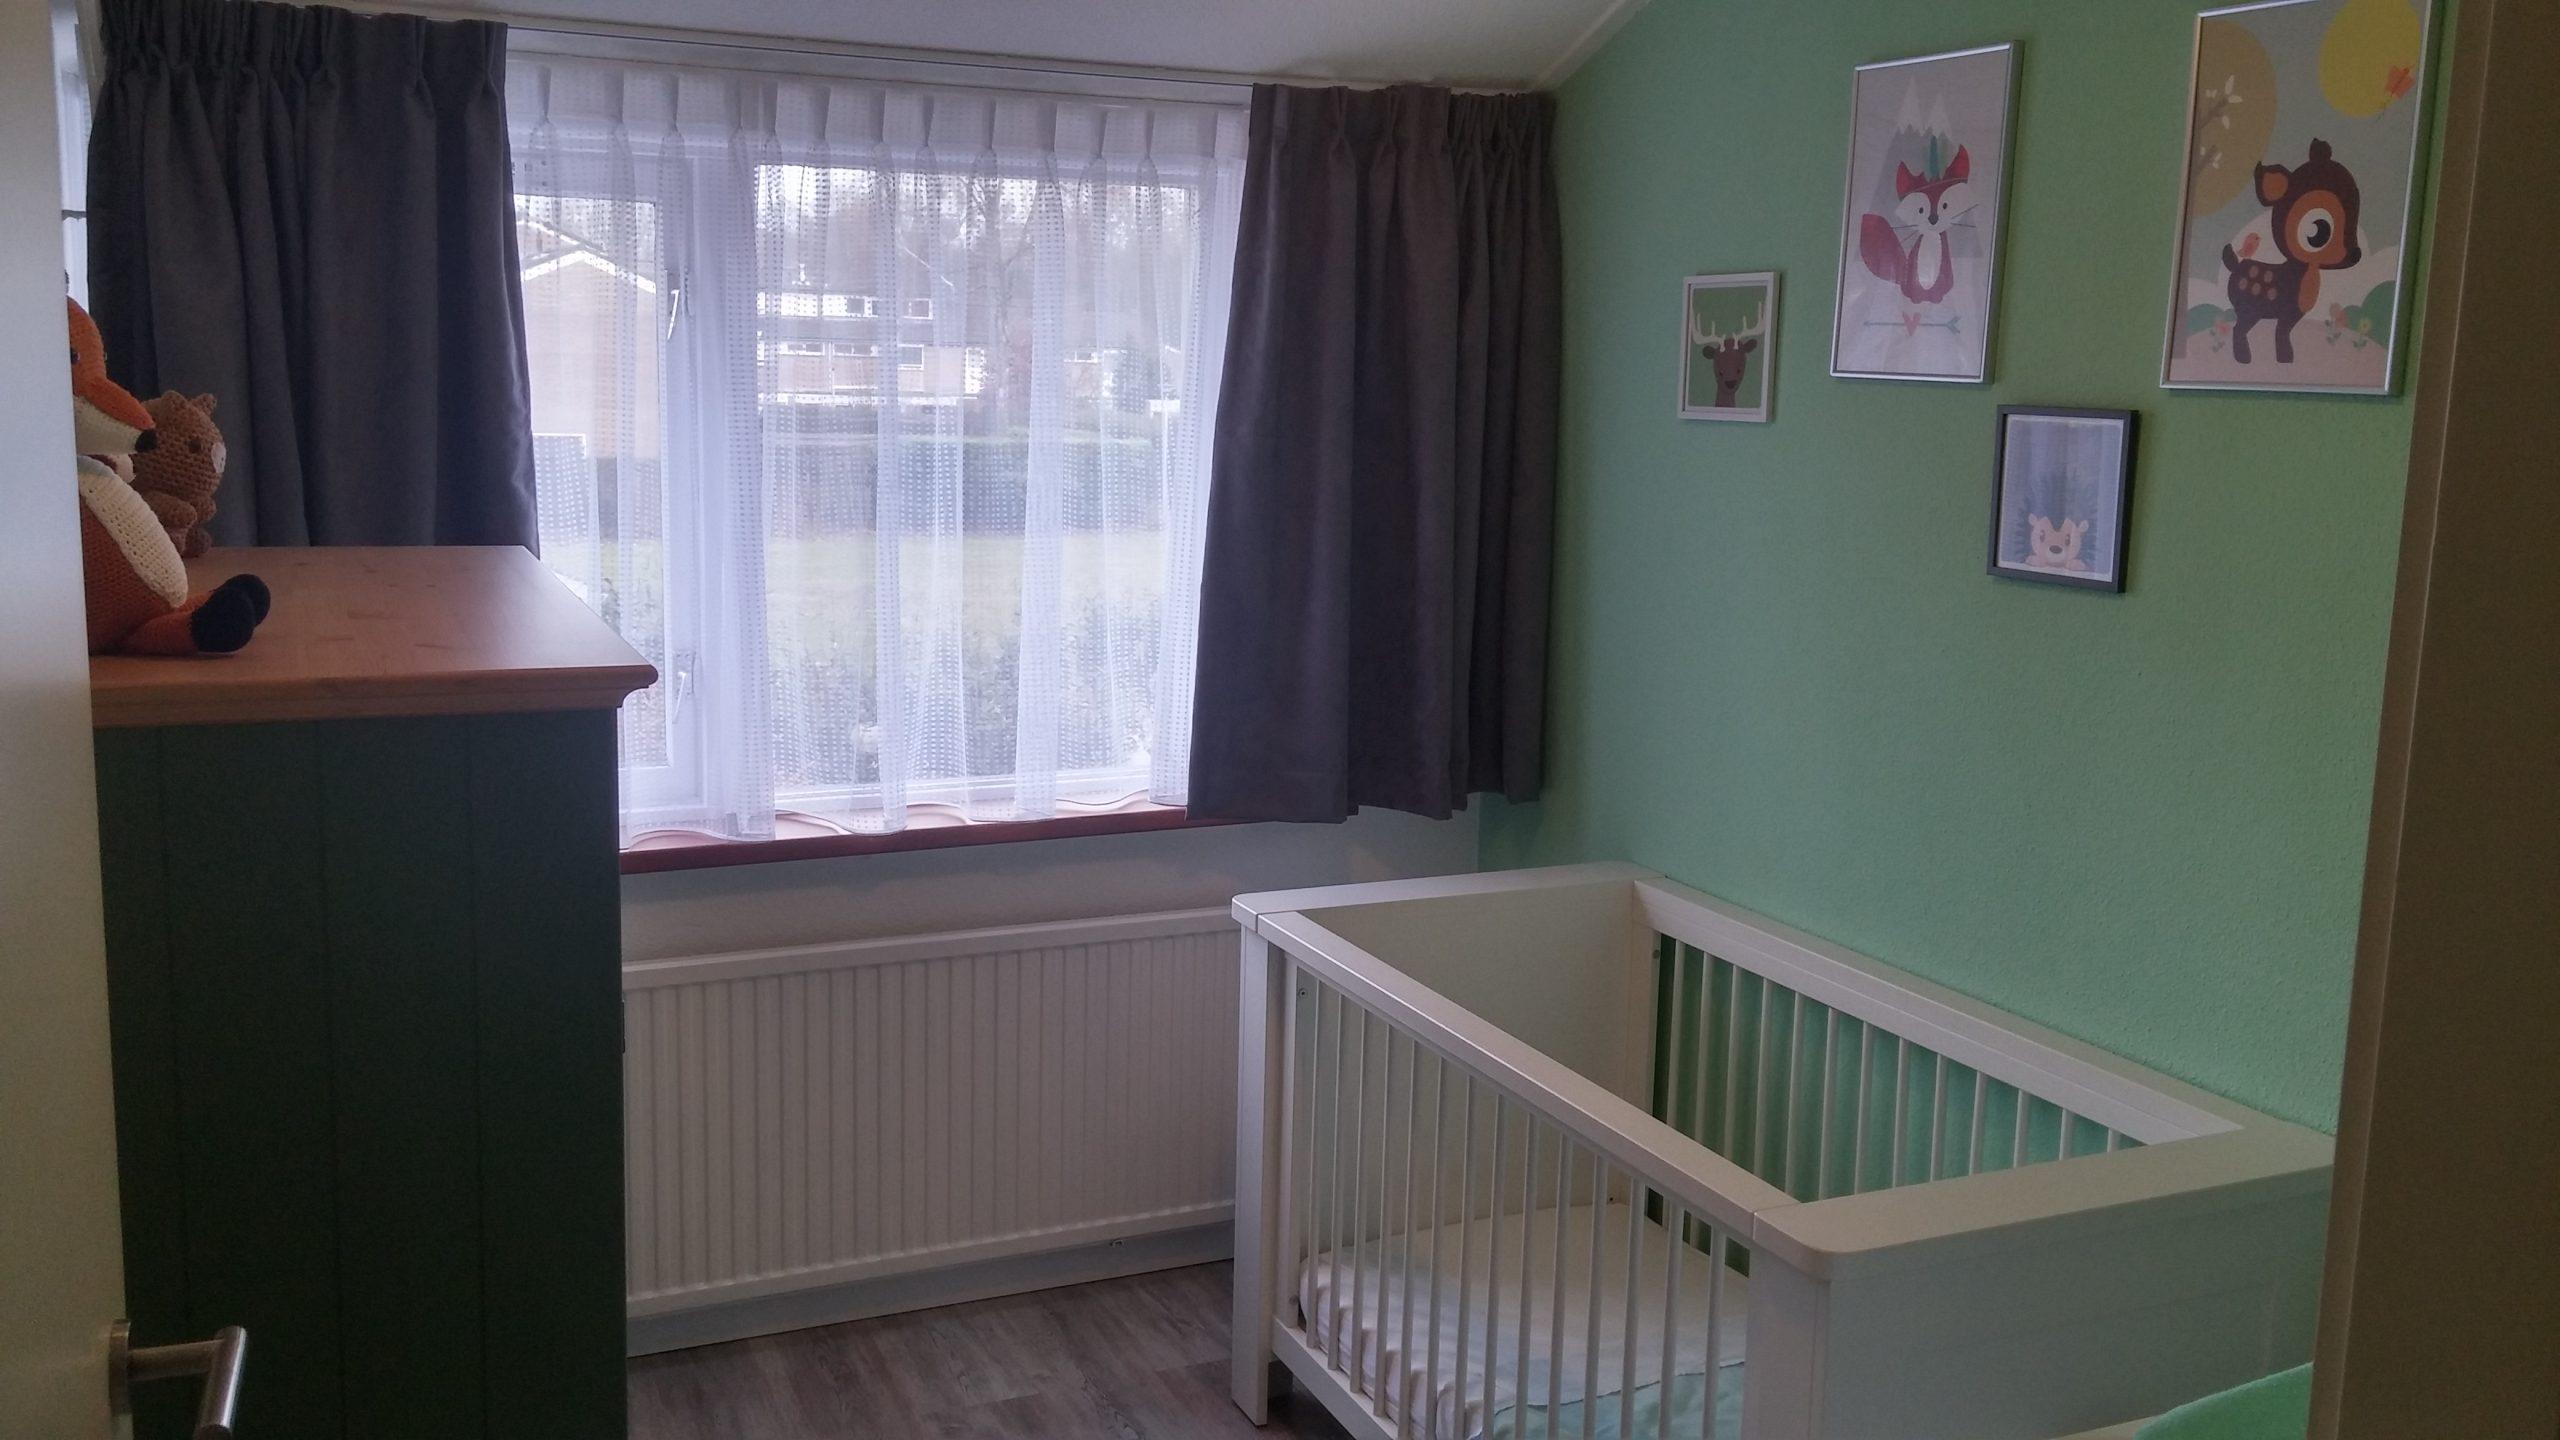 Gordijnen Babykamer Donker : Bosthema babykamer u dotjes